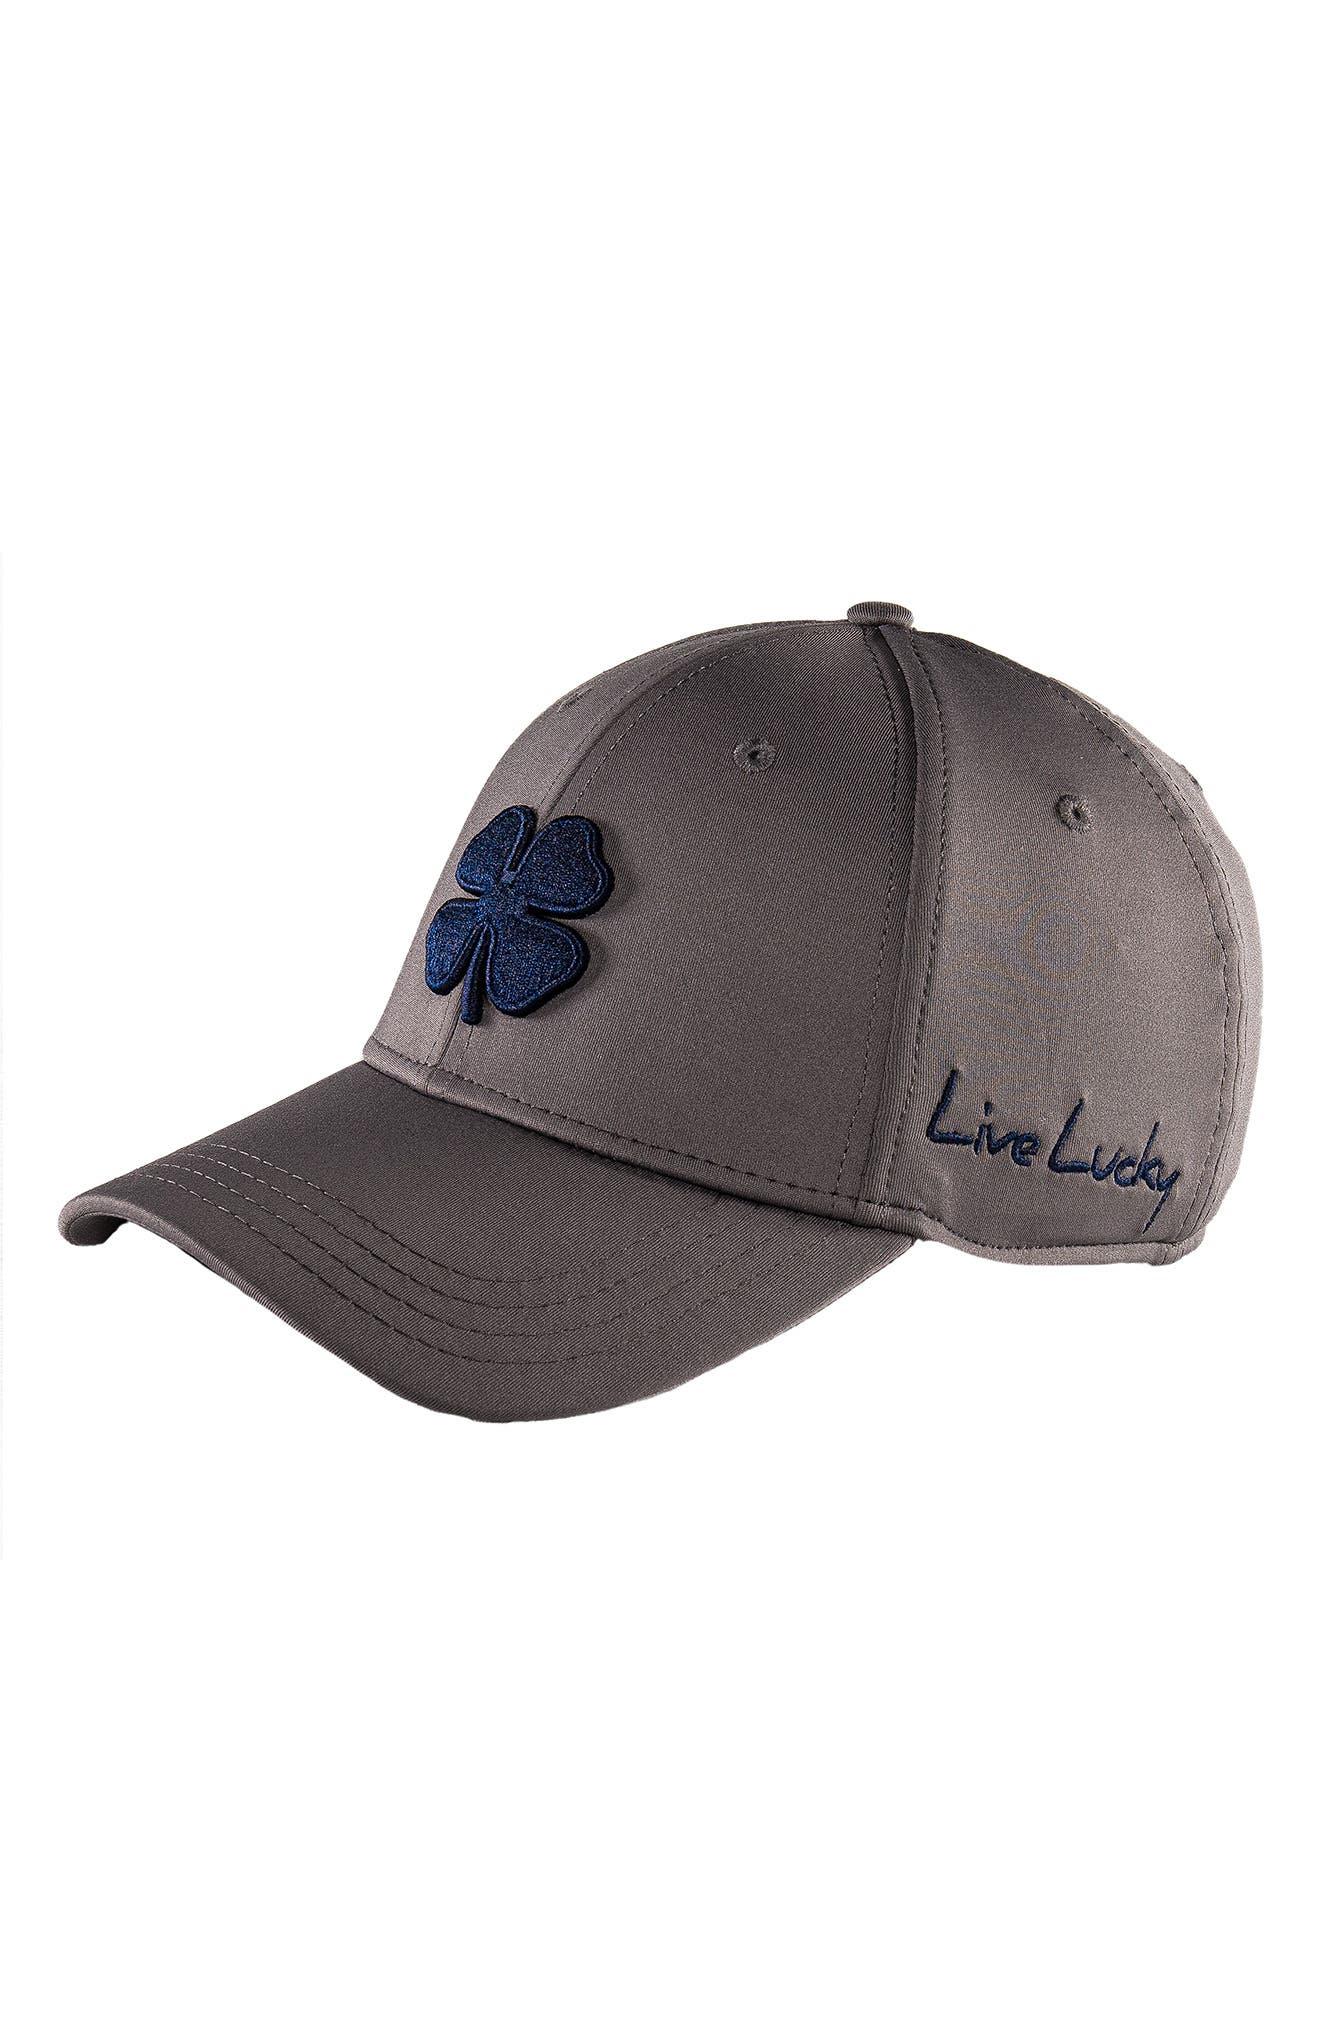 Premium Clover 27 Baseball Cap